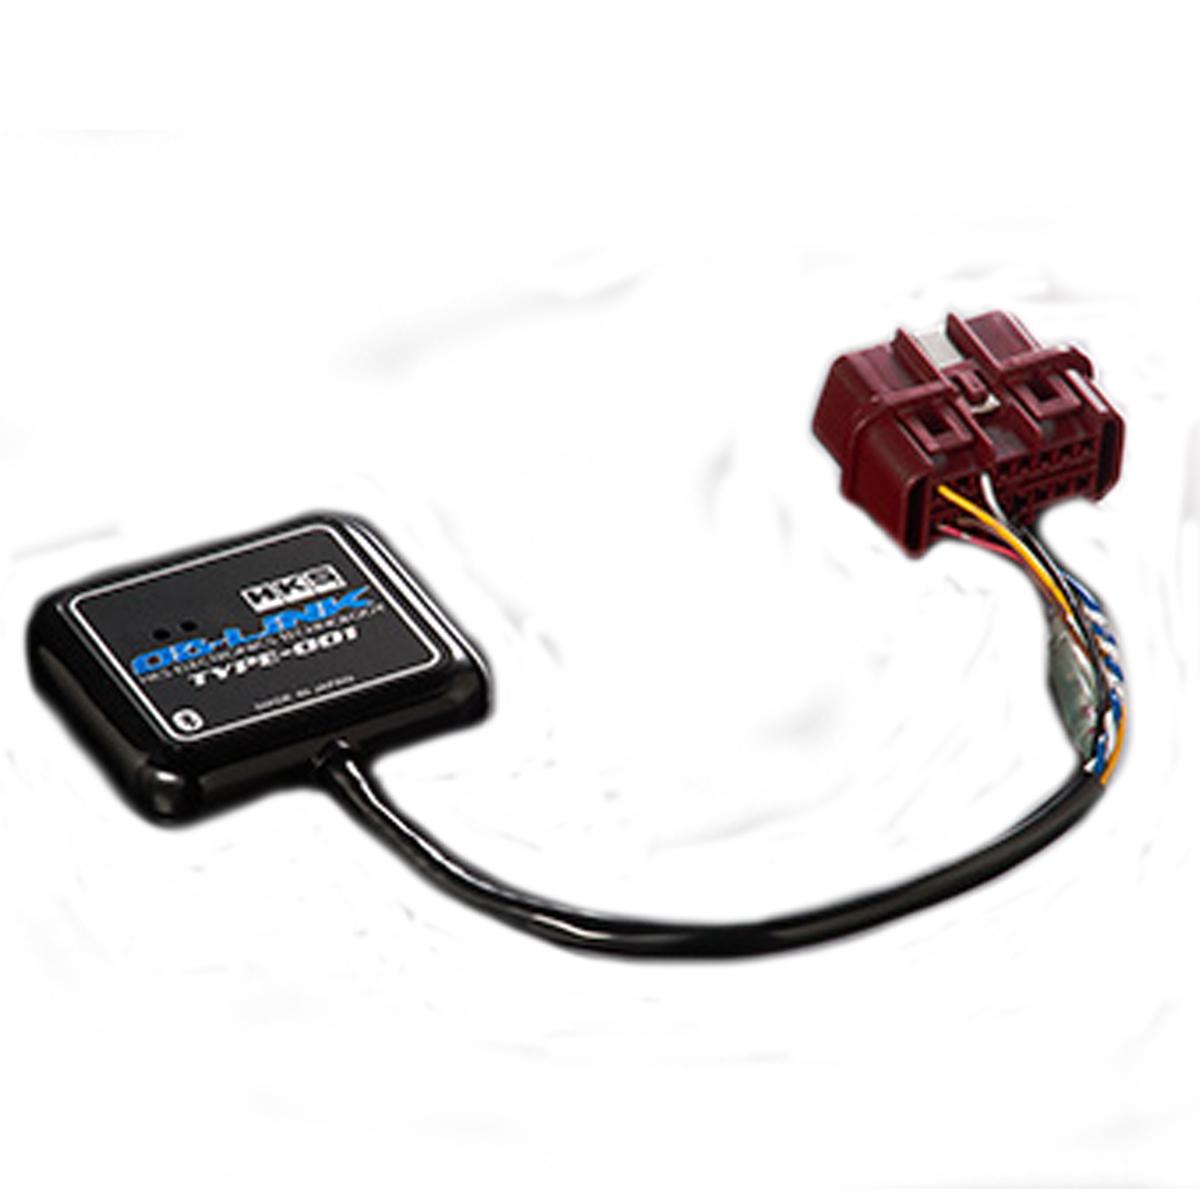 ムーヴ モニター OBリンク タイプ 001 L912S HKS 44009-AK002 エレクトリニクス